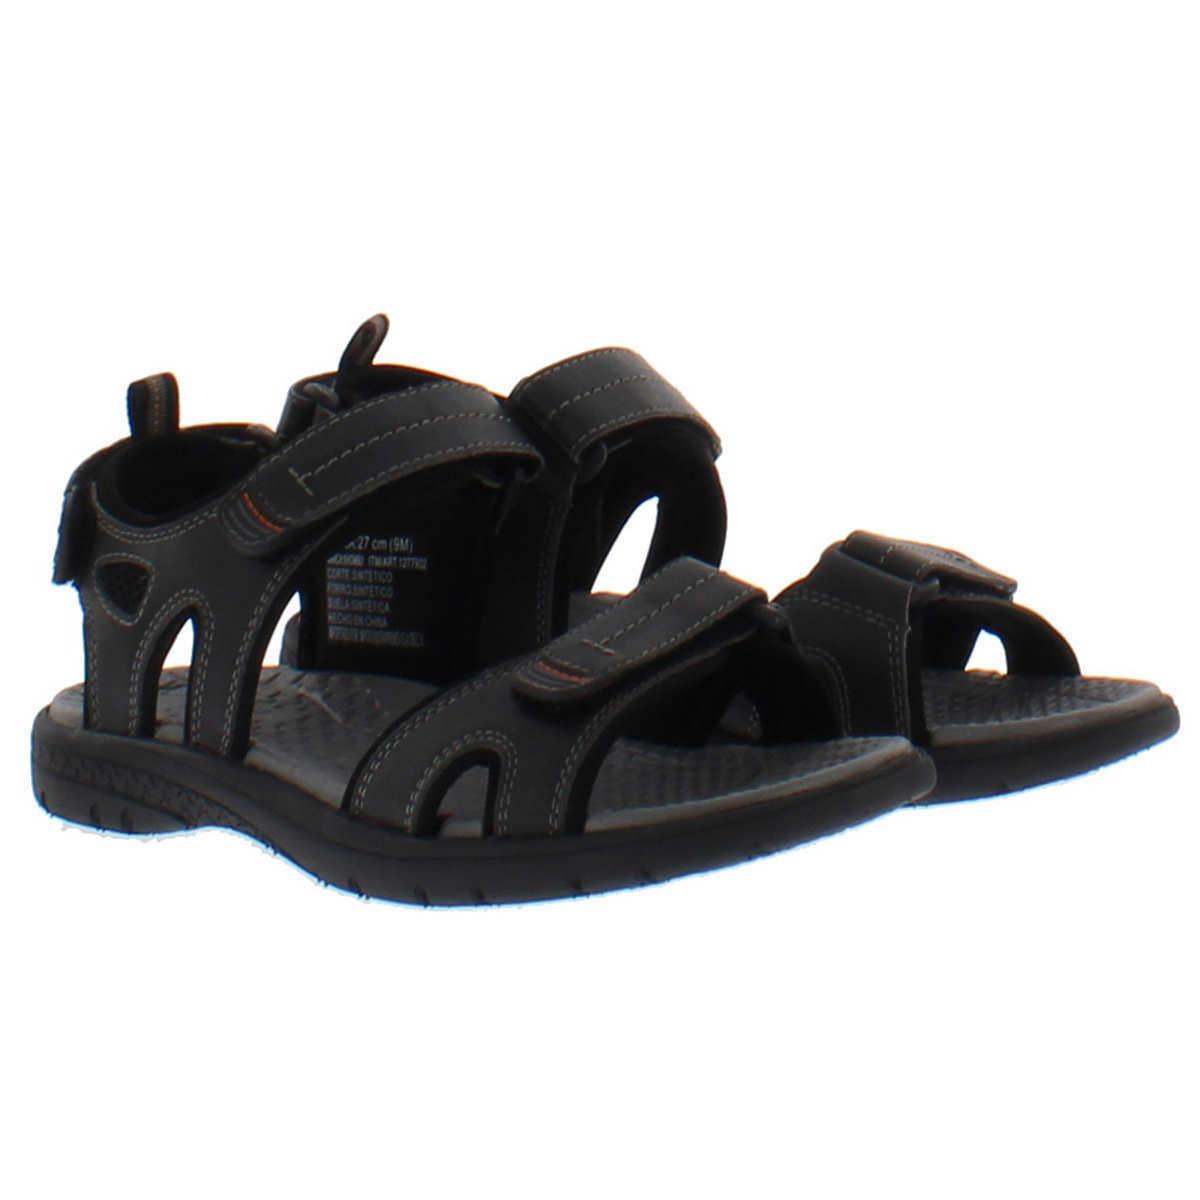 Khombu Mens Adjustable Strap Traction Sport River Sandal